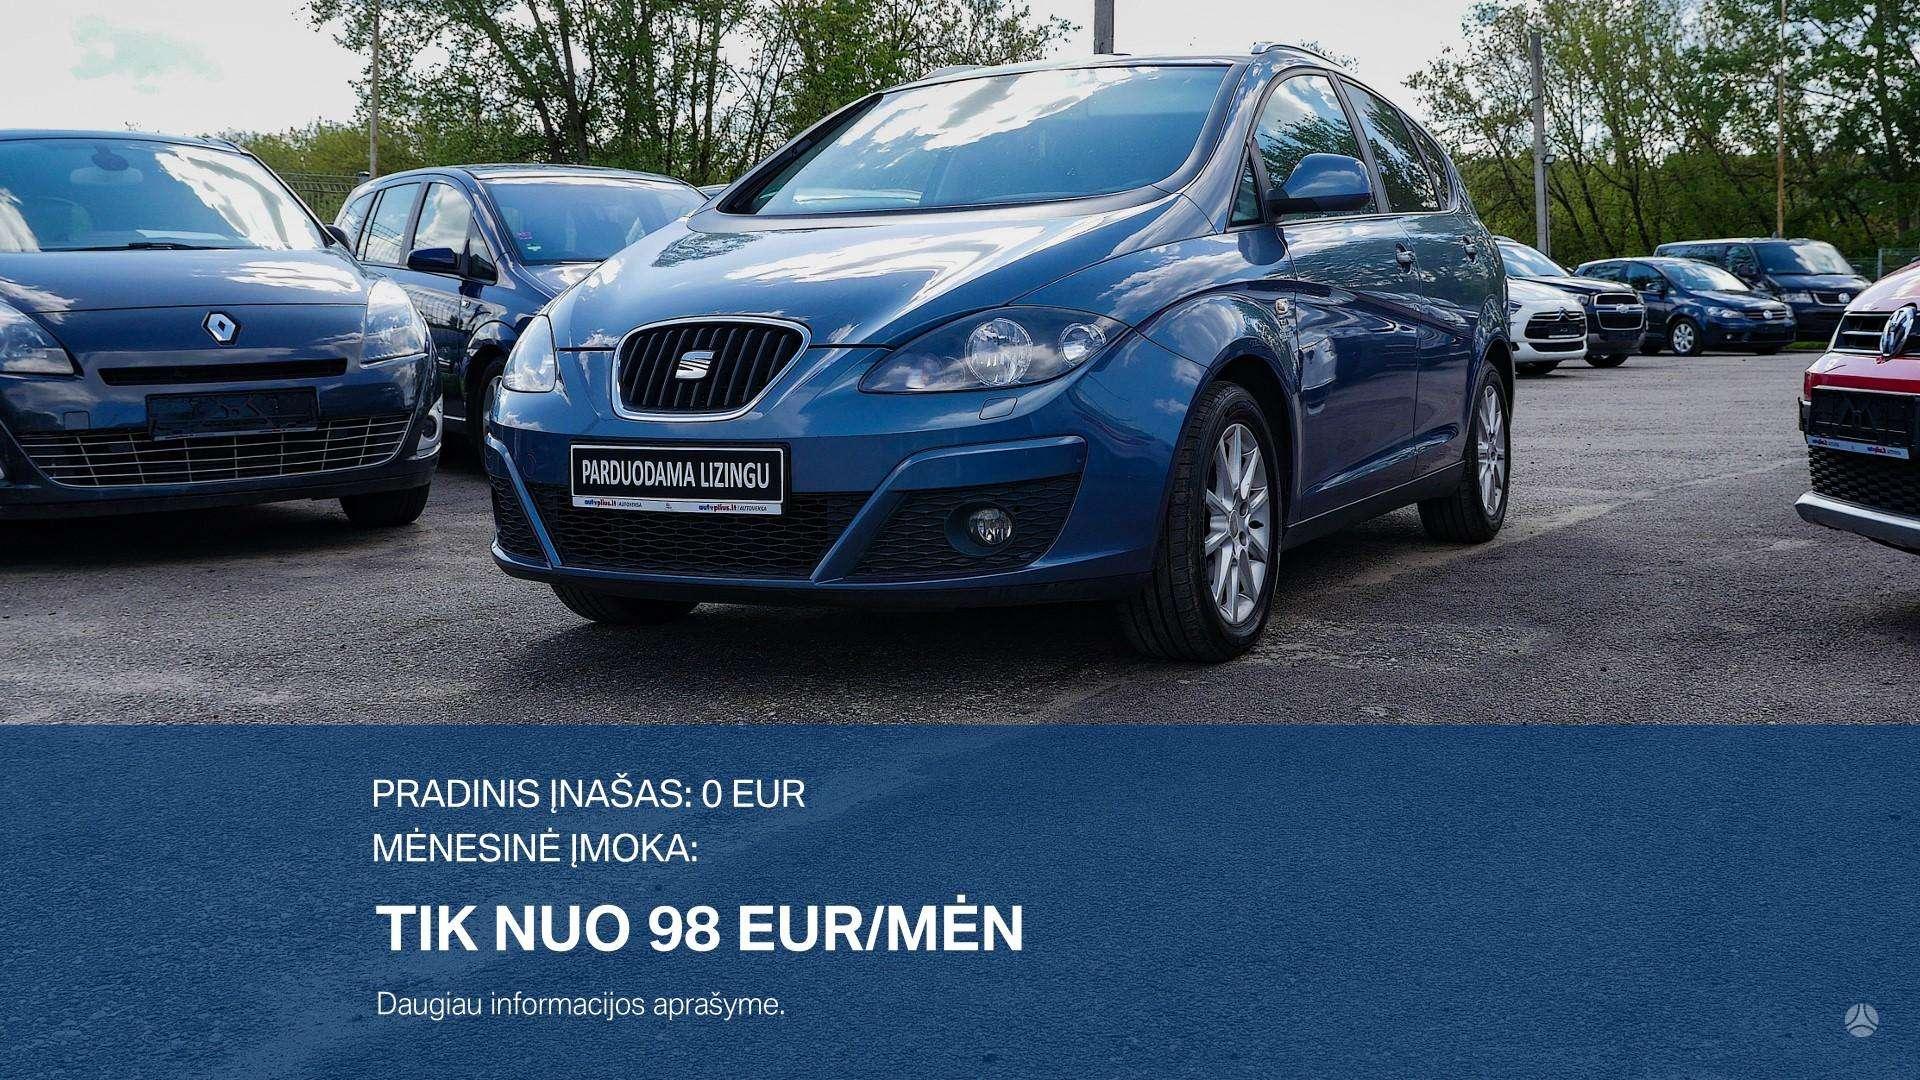 Seat Altea XL išsimokėtinai nuo 98Eur/Mėn su 3 mėnesių garantija